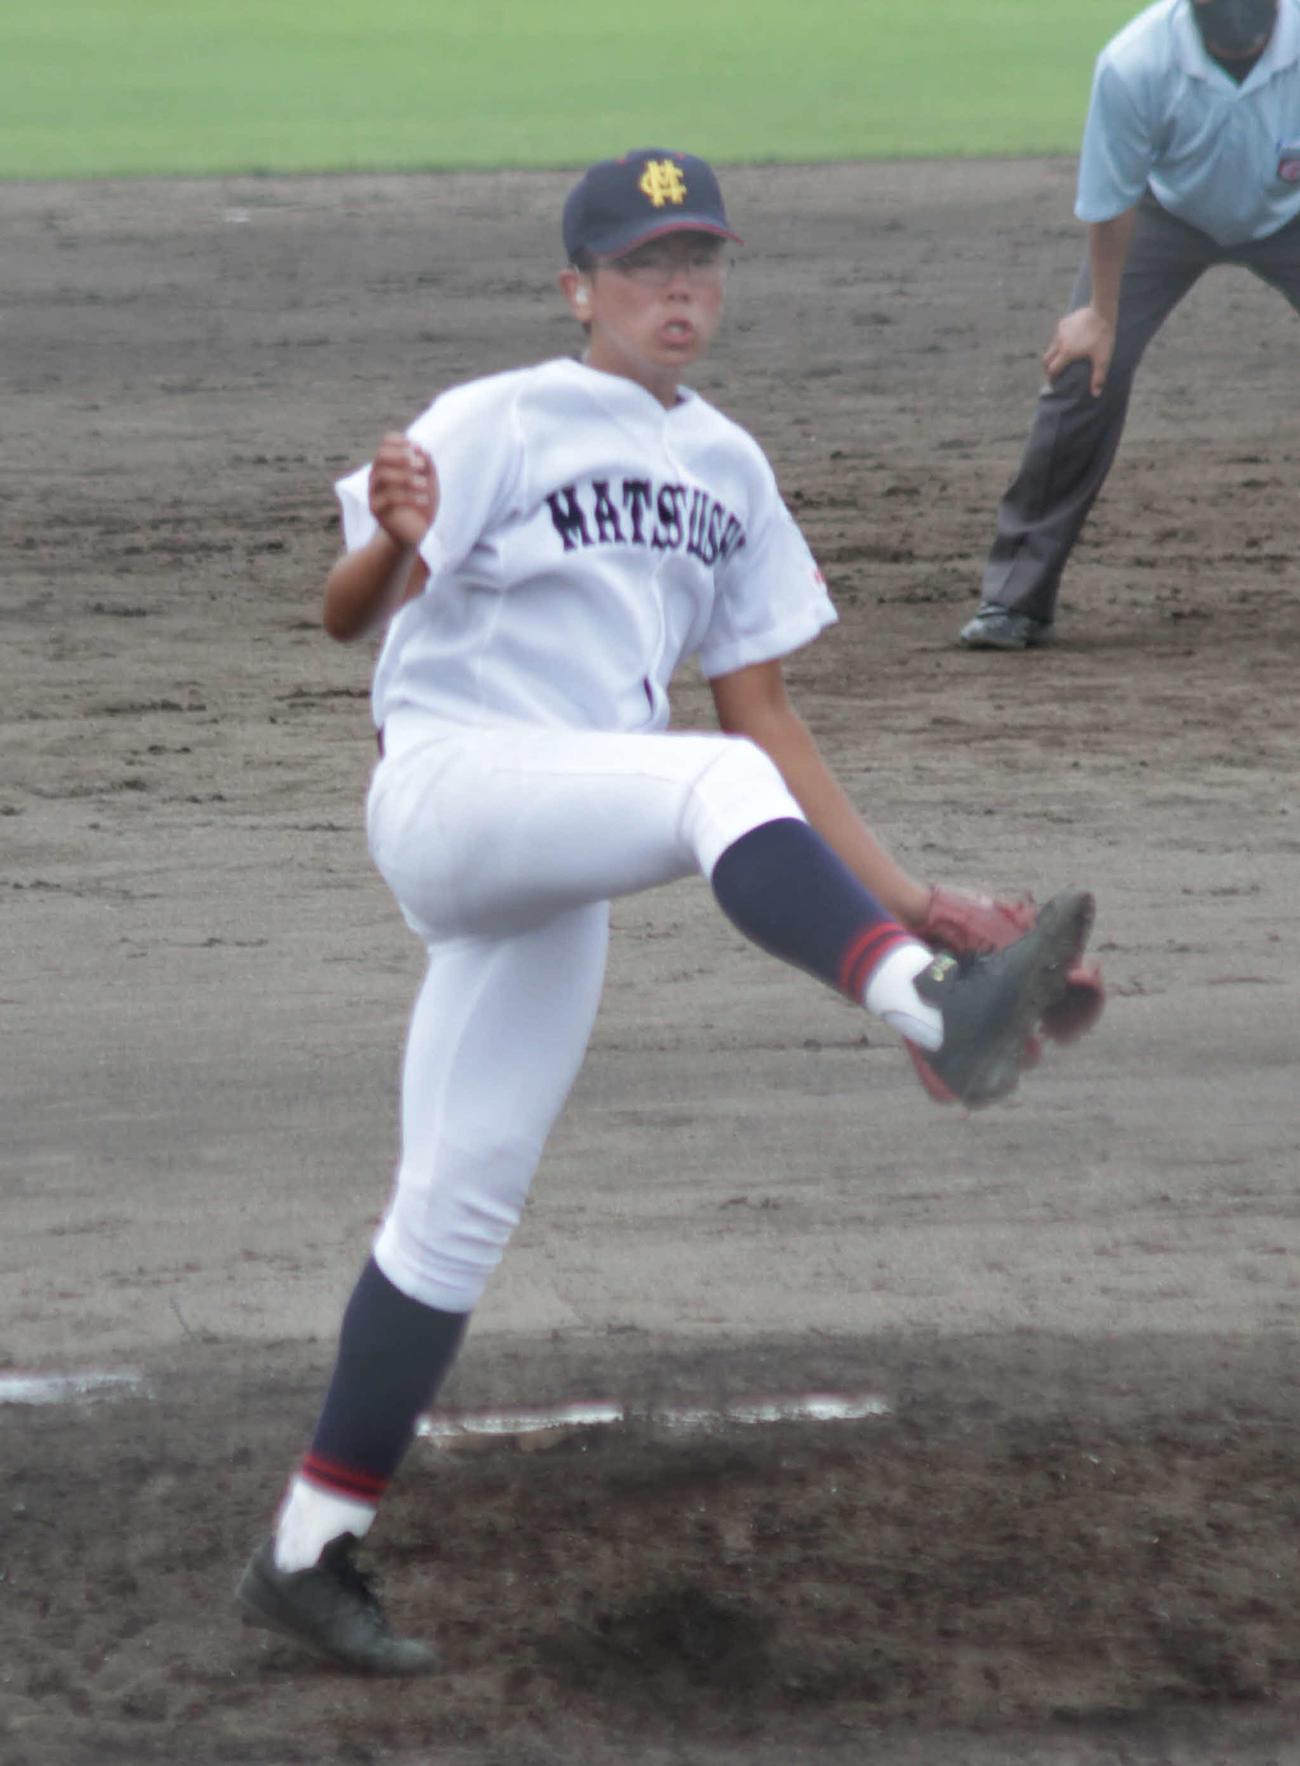 松阪商・松山は三振を奪い豪快なフィニッシュを見せる